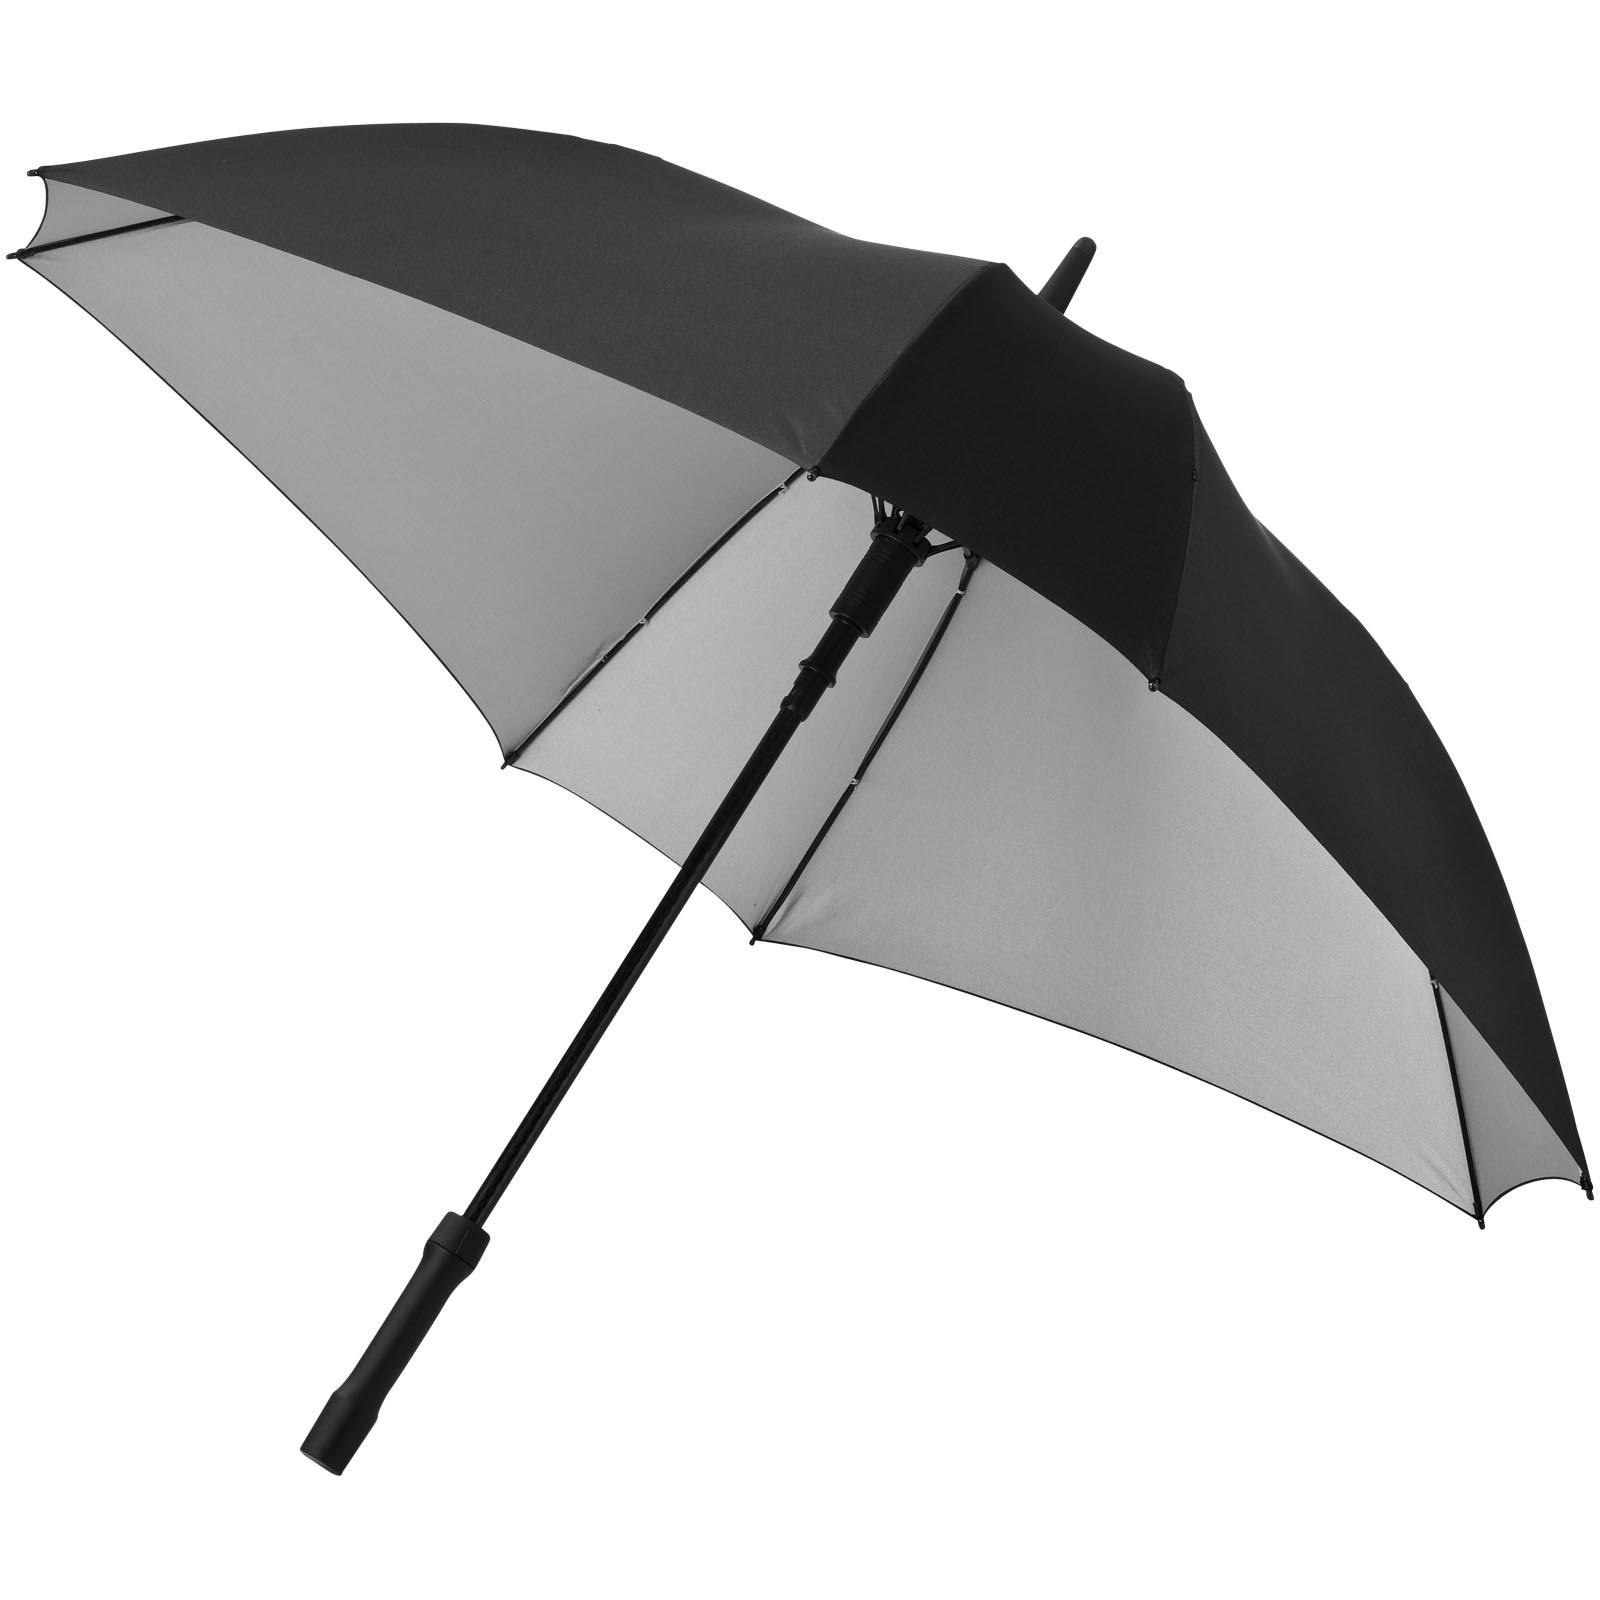 """Square 23"""" double-layered auto open umbrella - Silver / Solid black"""